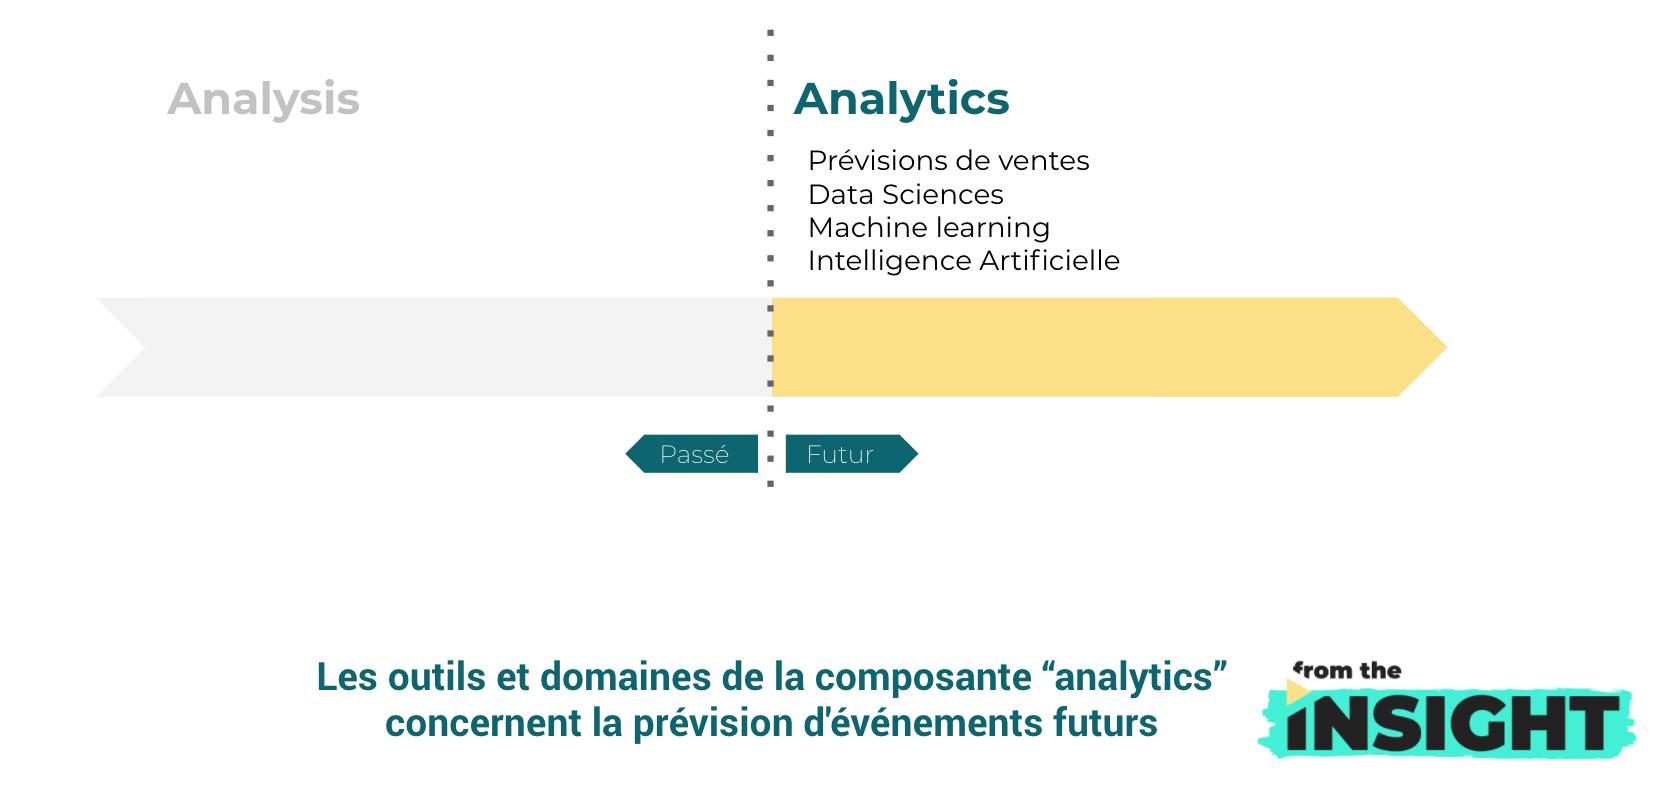 analysis ou analytics : definition analytics